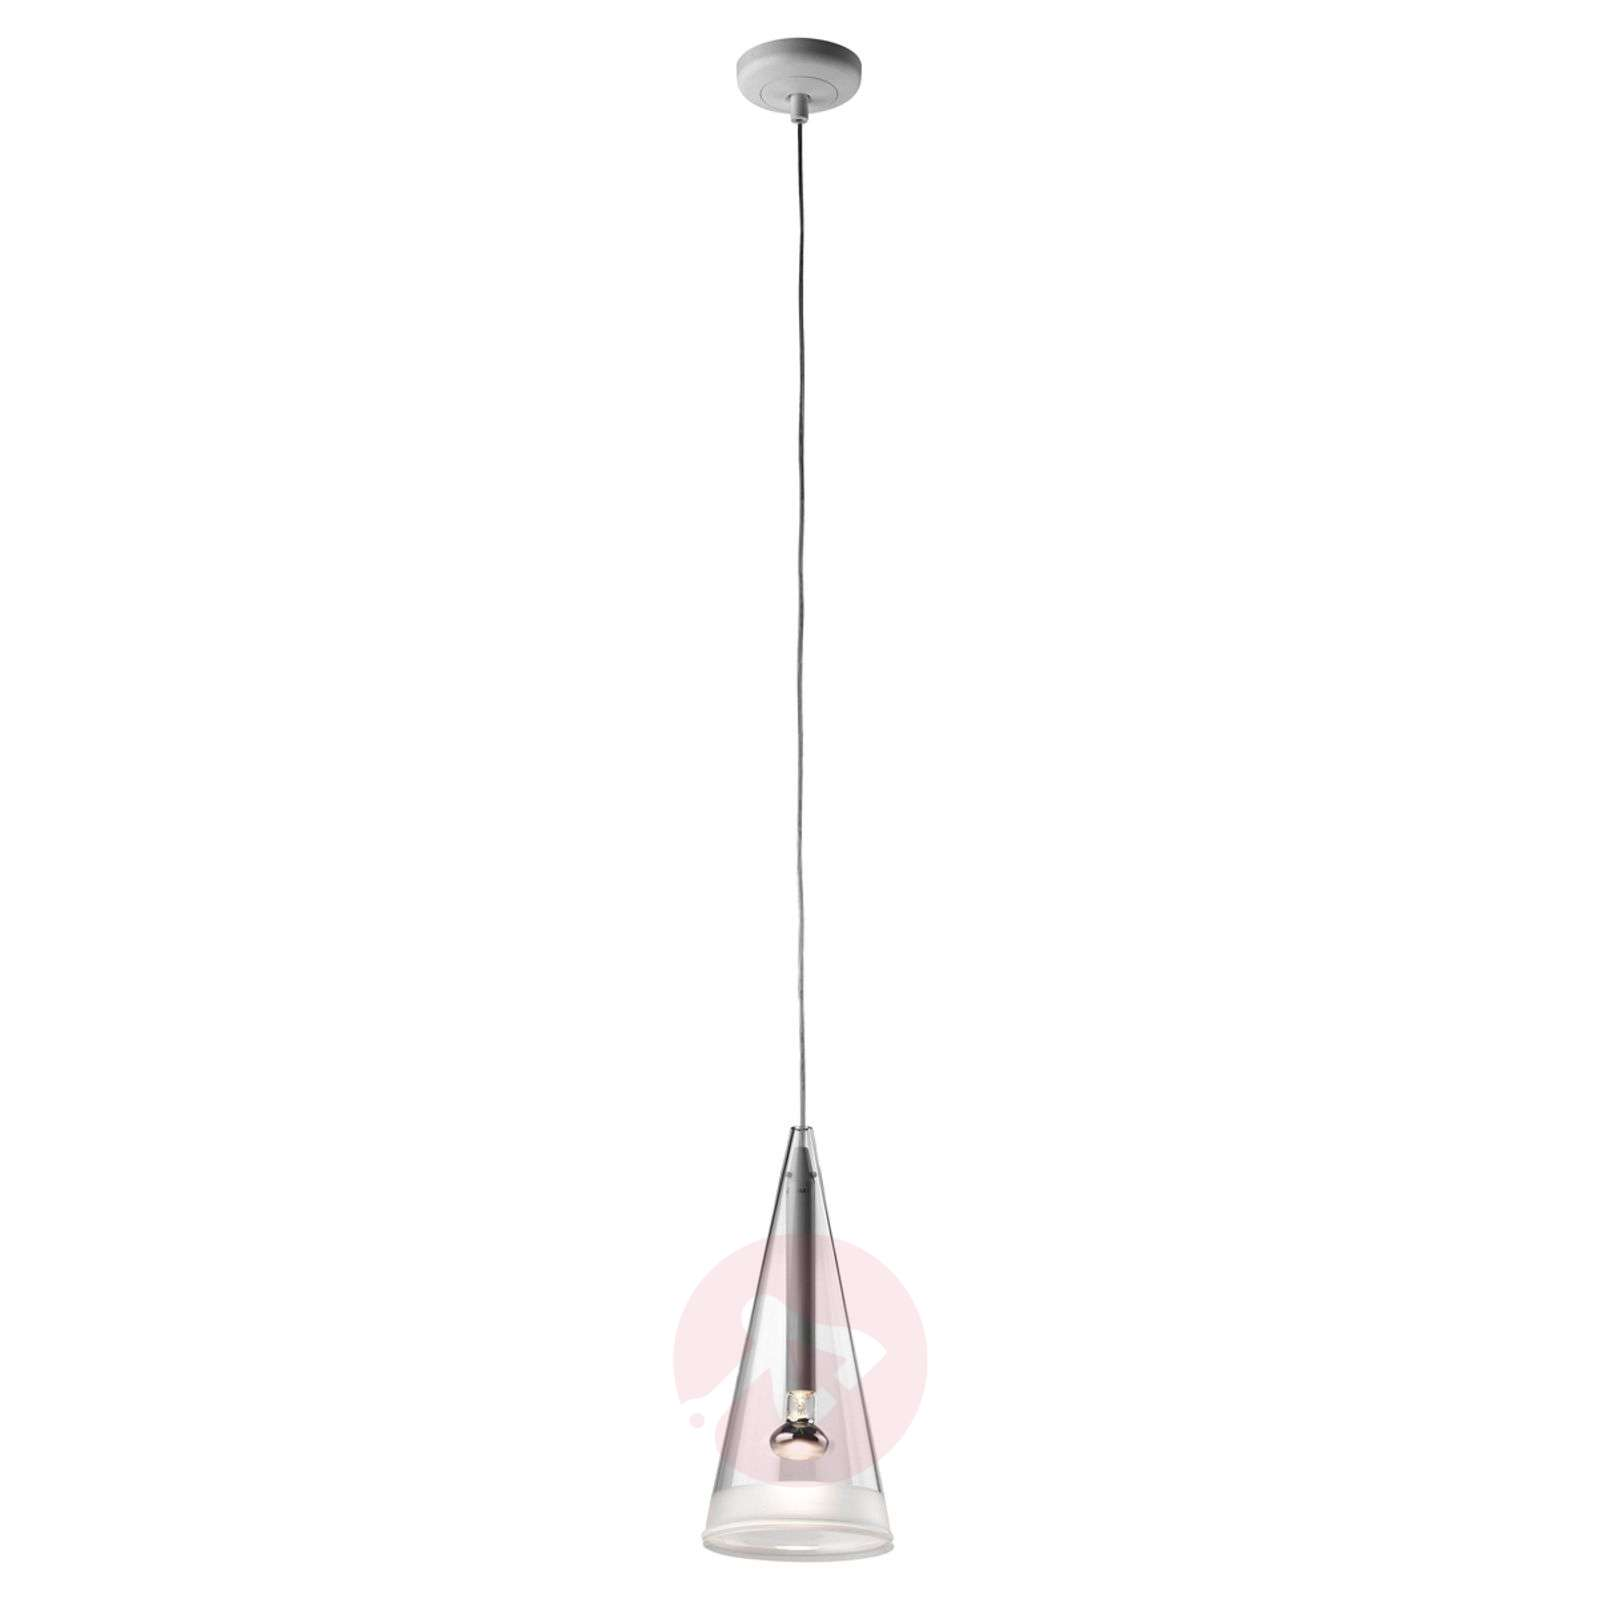 FLOS Fucsia-riippuvalaisin lasinen, 1-lamppuinen-3510168-03